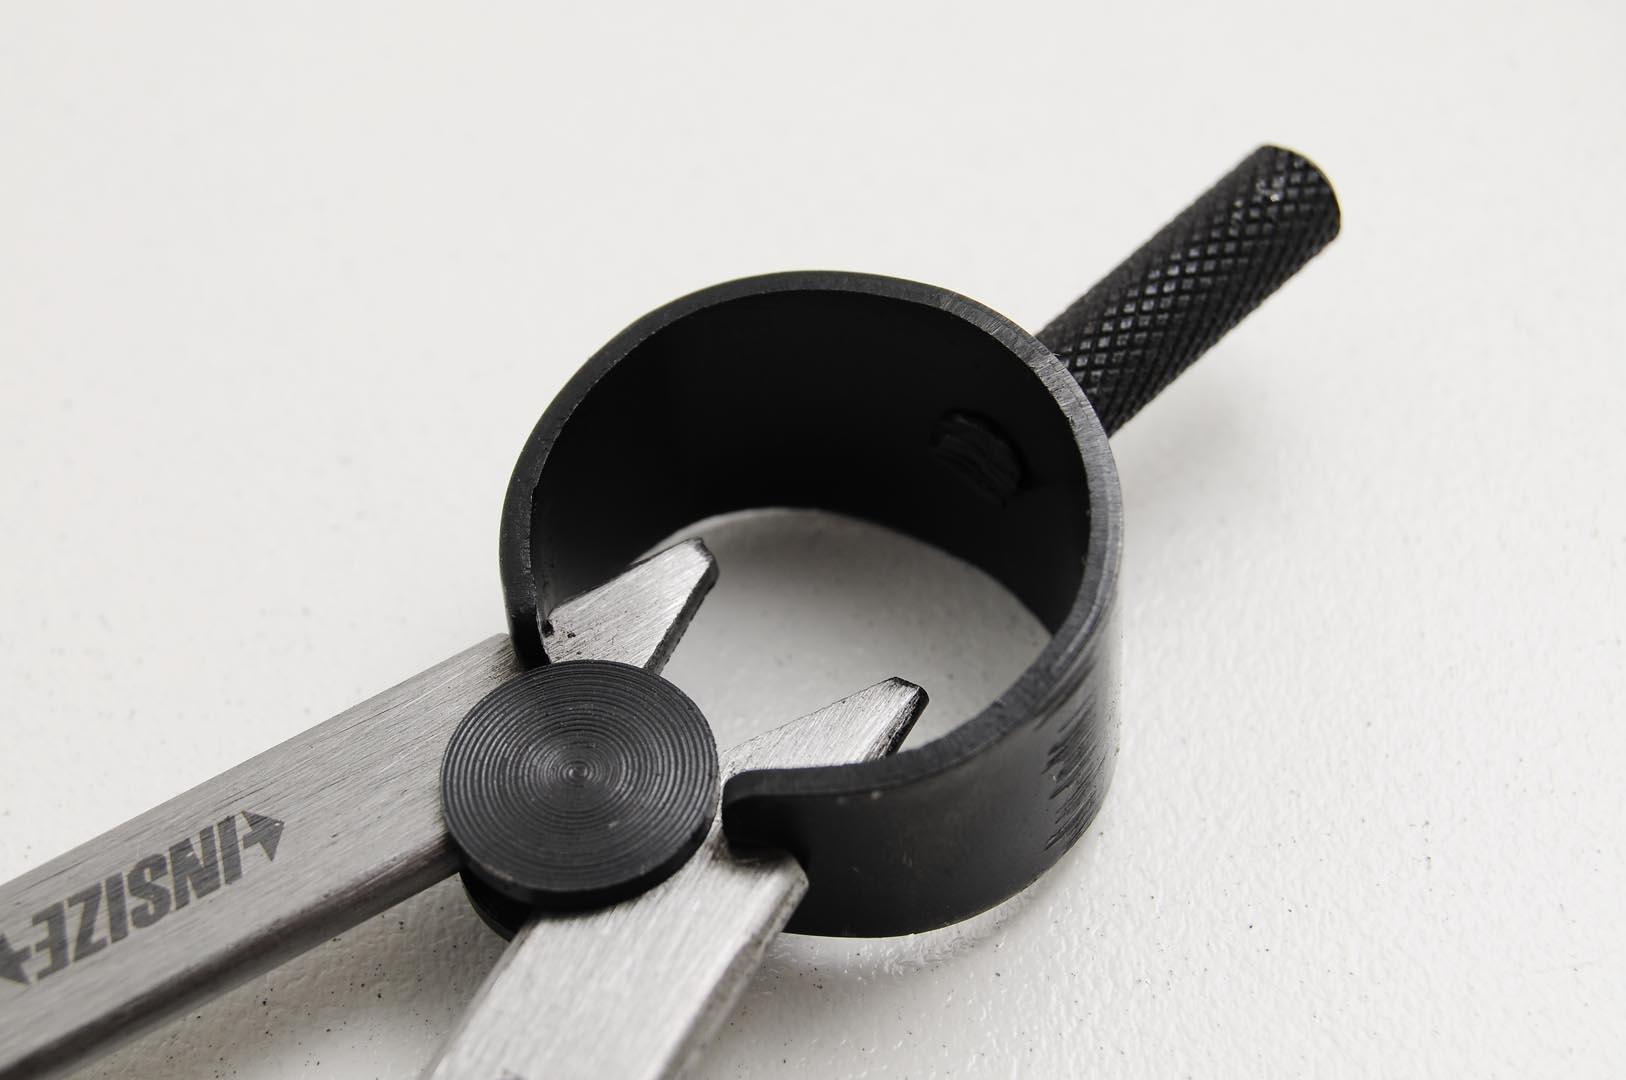 7260-150-Compas de puntas divisor con resorte 150mm 7260-150-max-3.